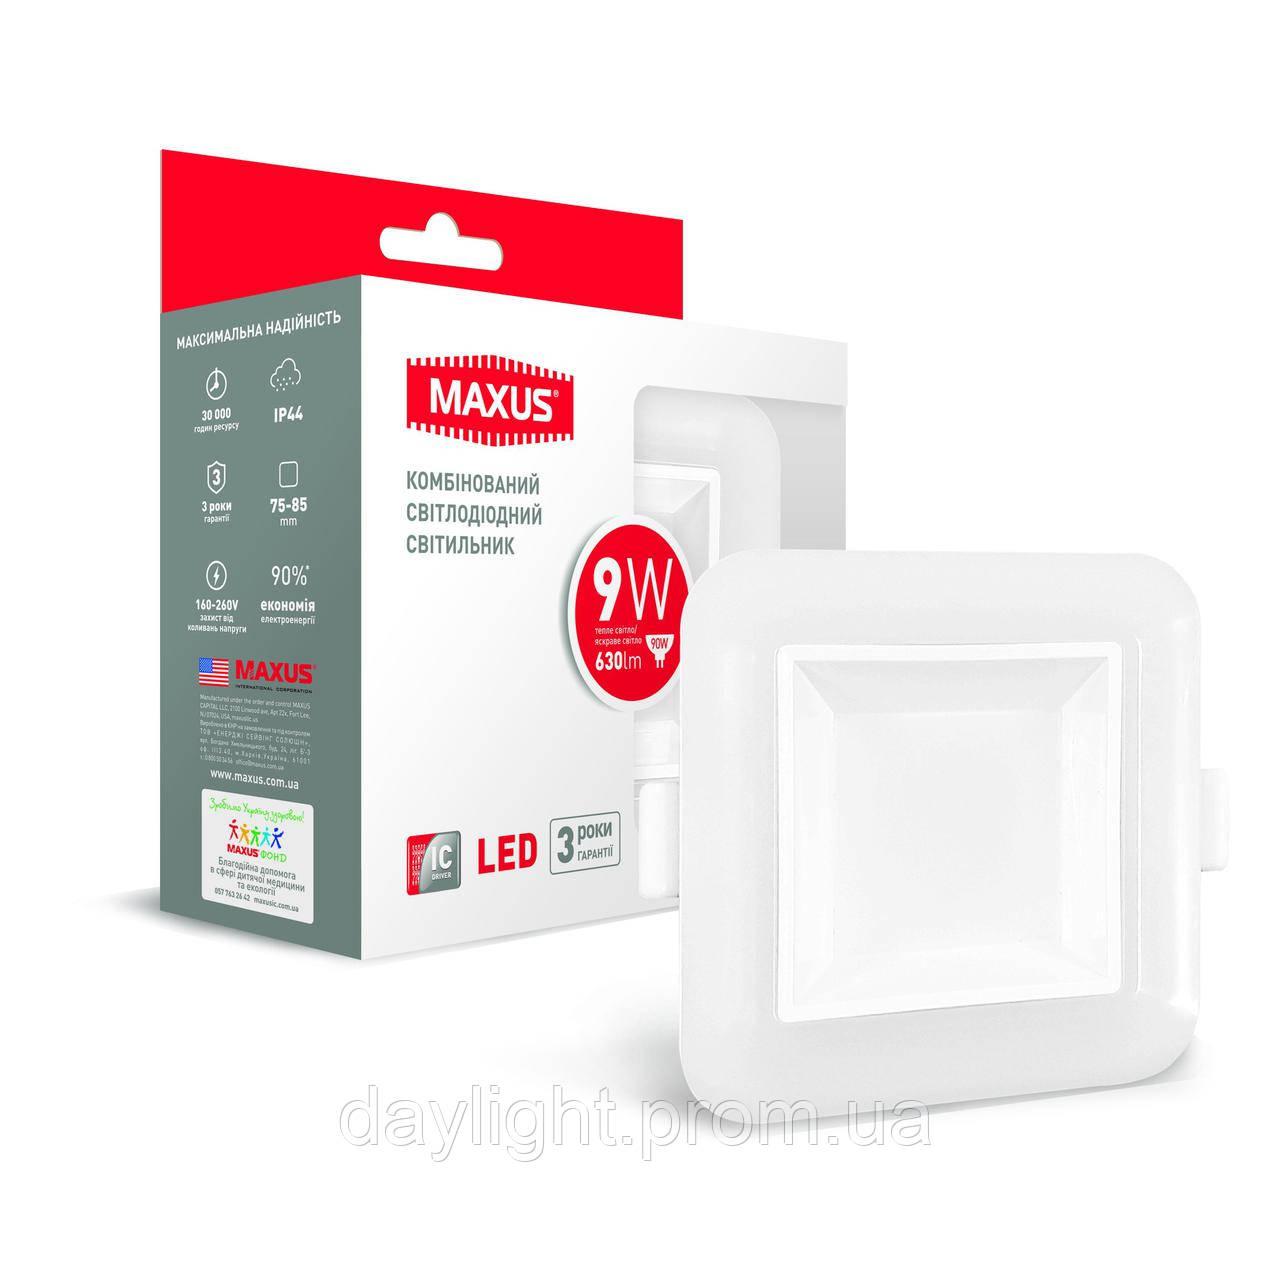 Точечный врезной светильник MAXUS 3-step 9W (сменные яркость и тон) квадрат